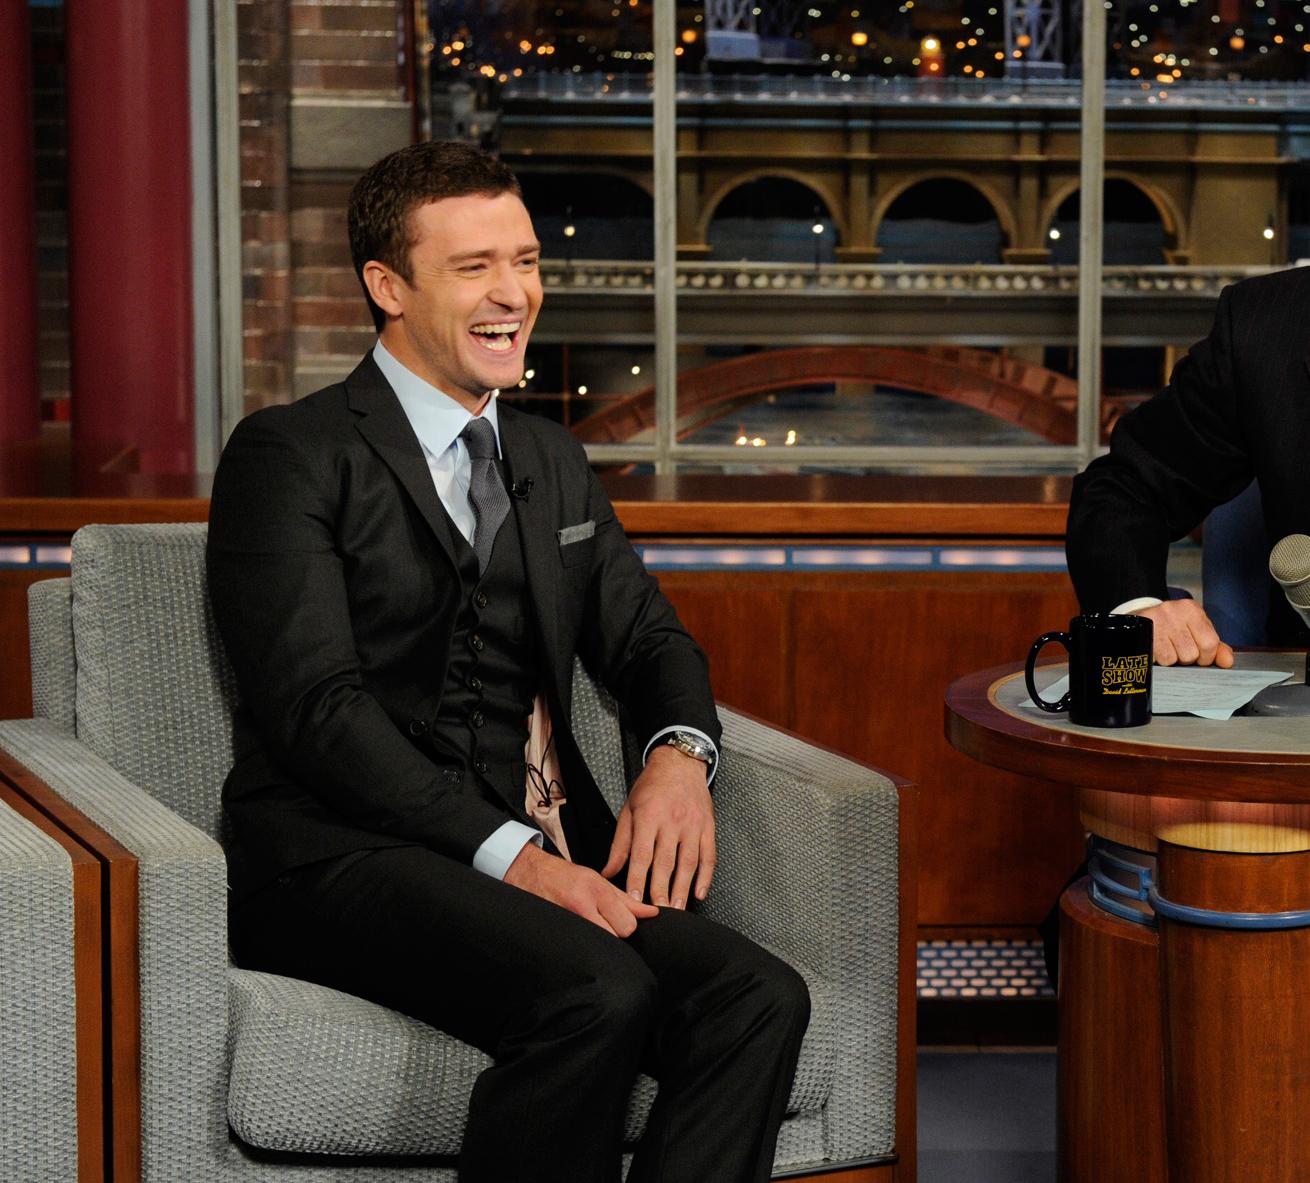 Justin Timberlake to Perform